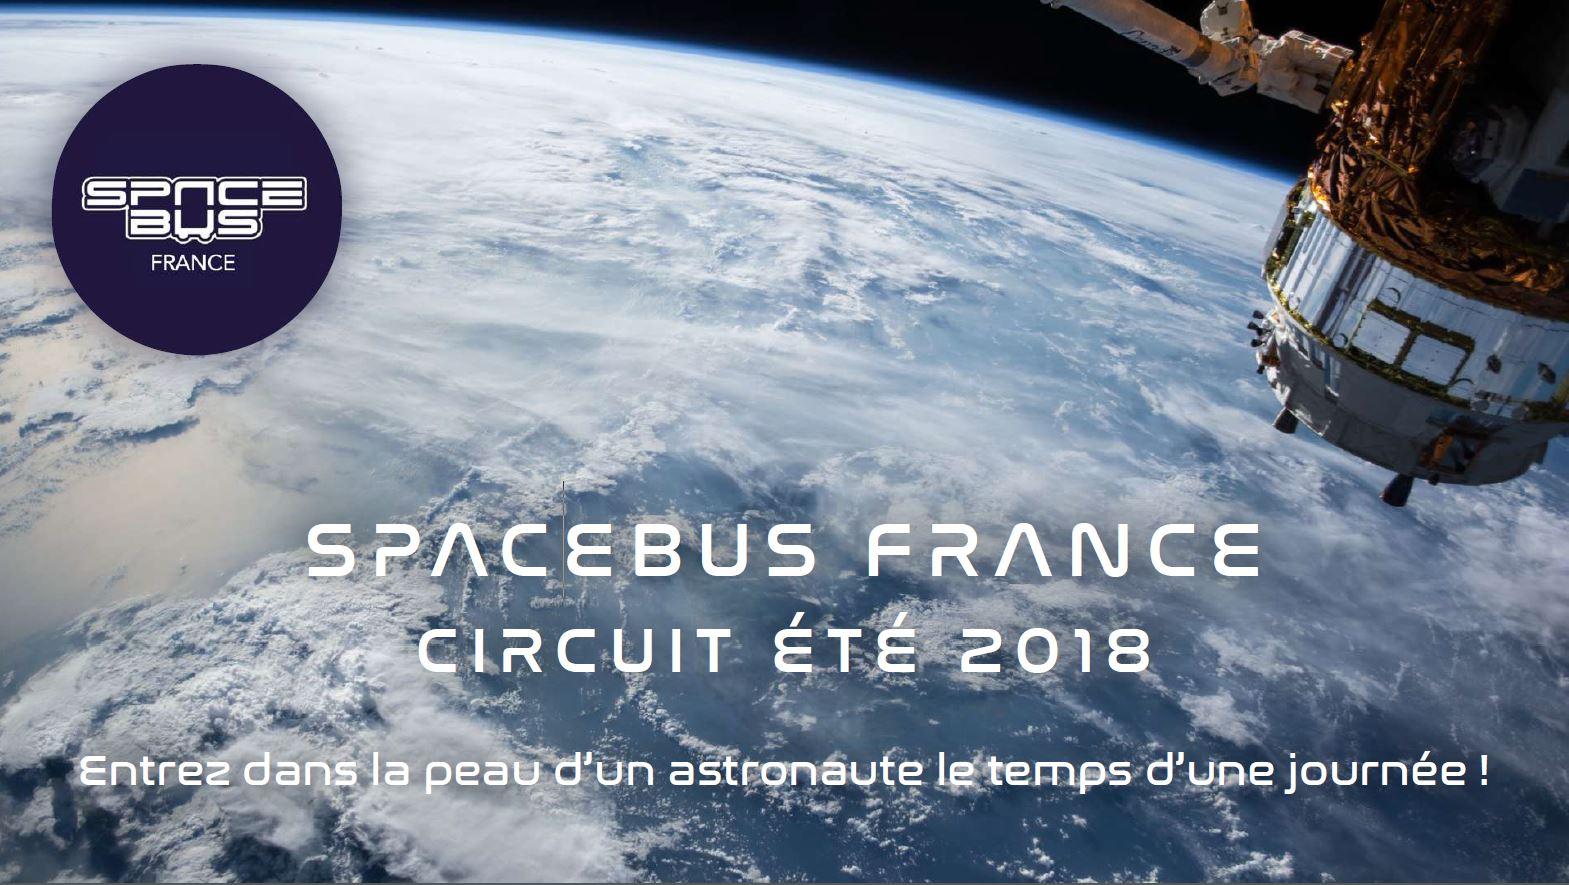 Appel à volontaires pour animer lors du SpaceBus France